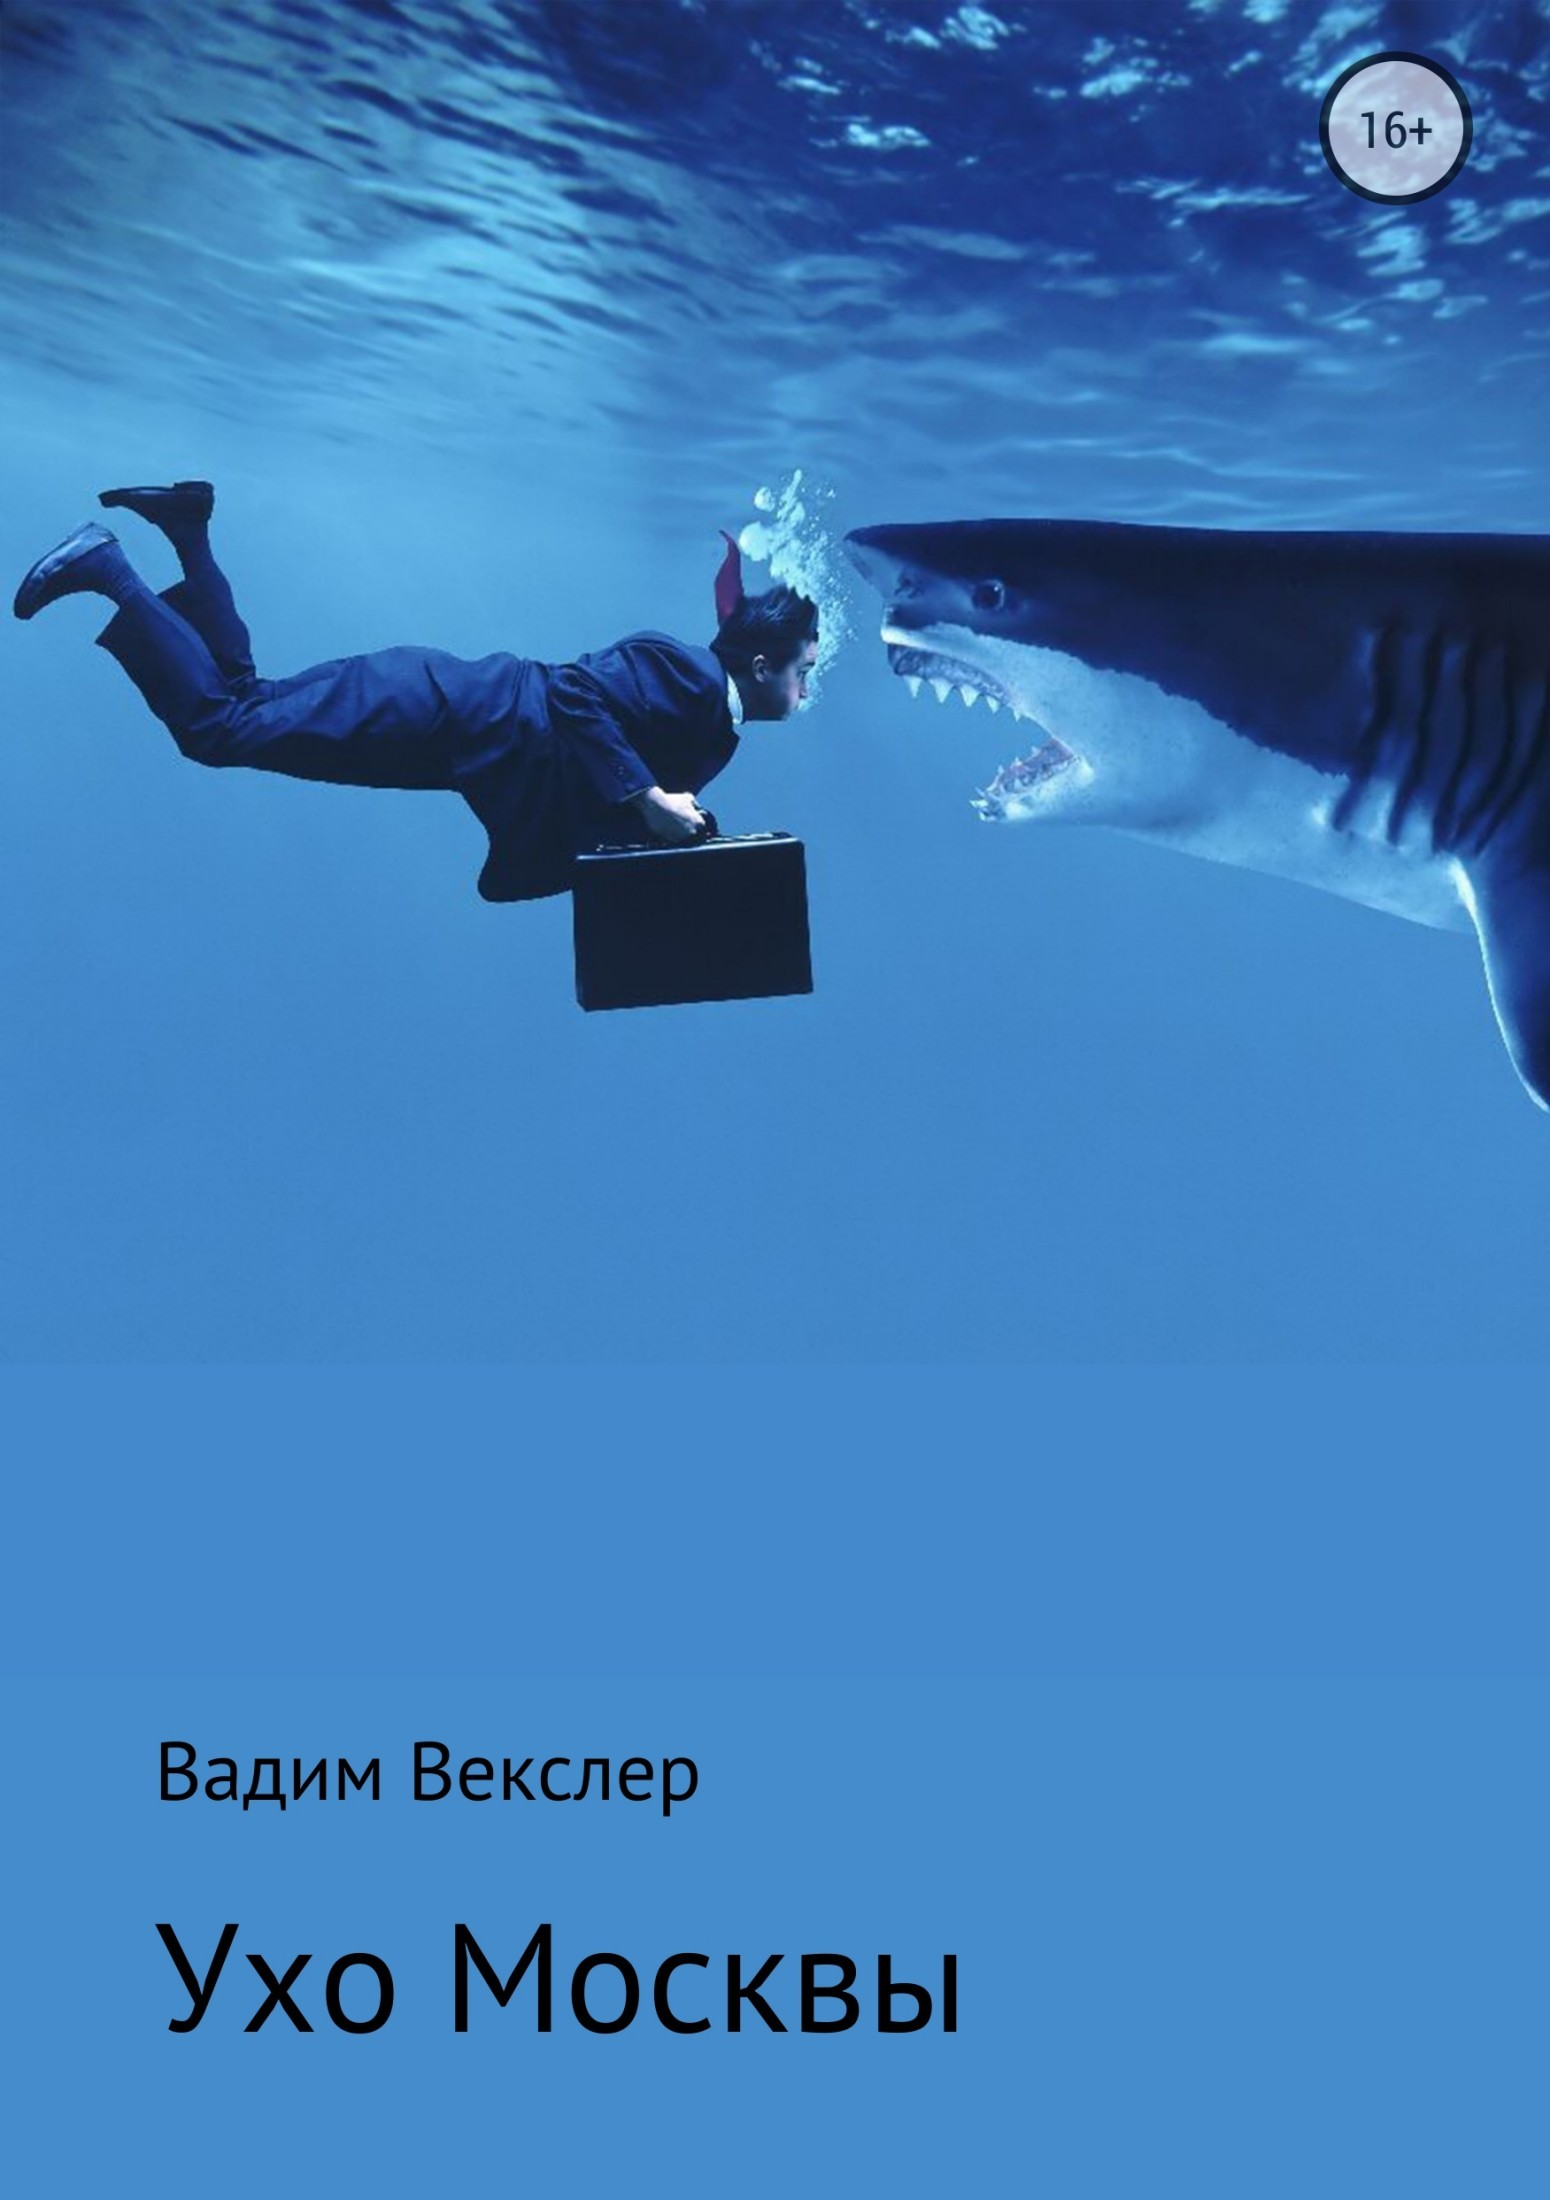 Ухо Москвы